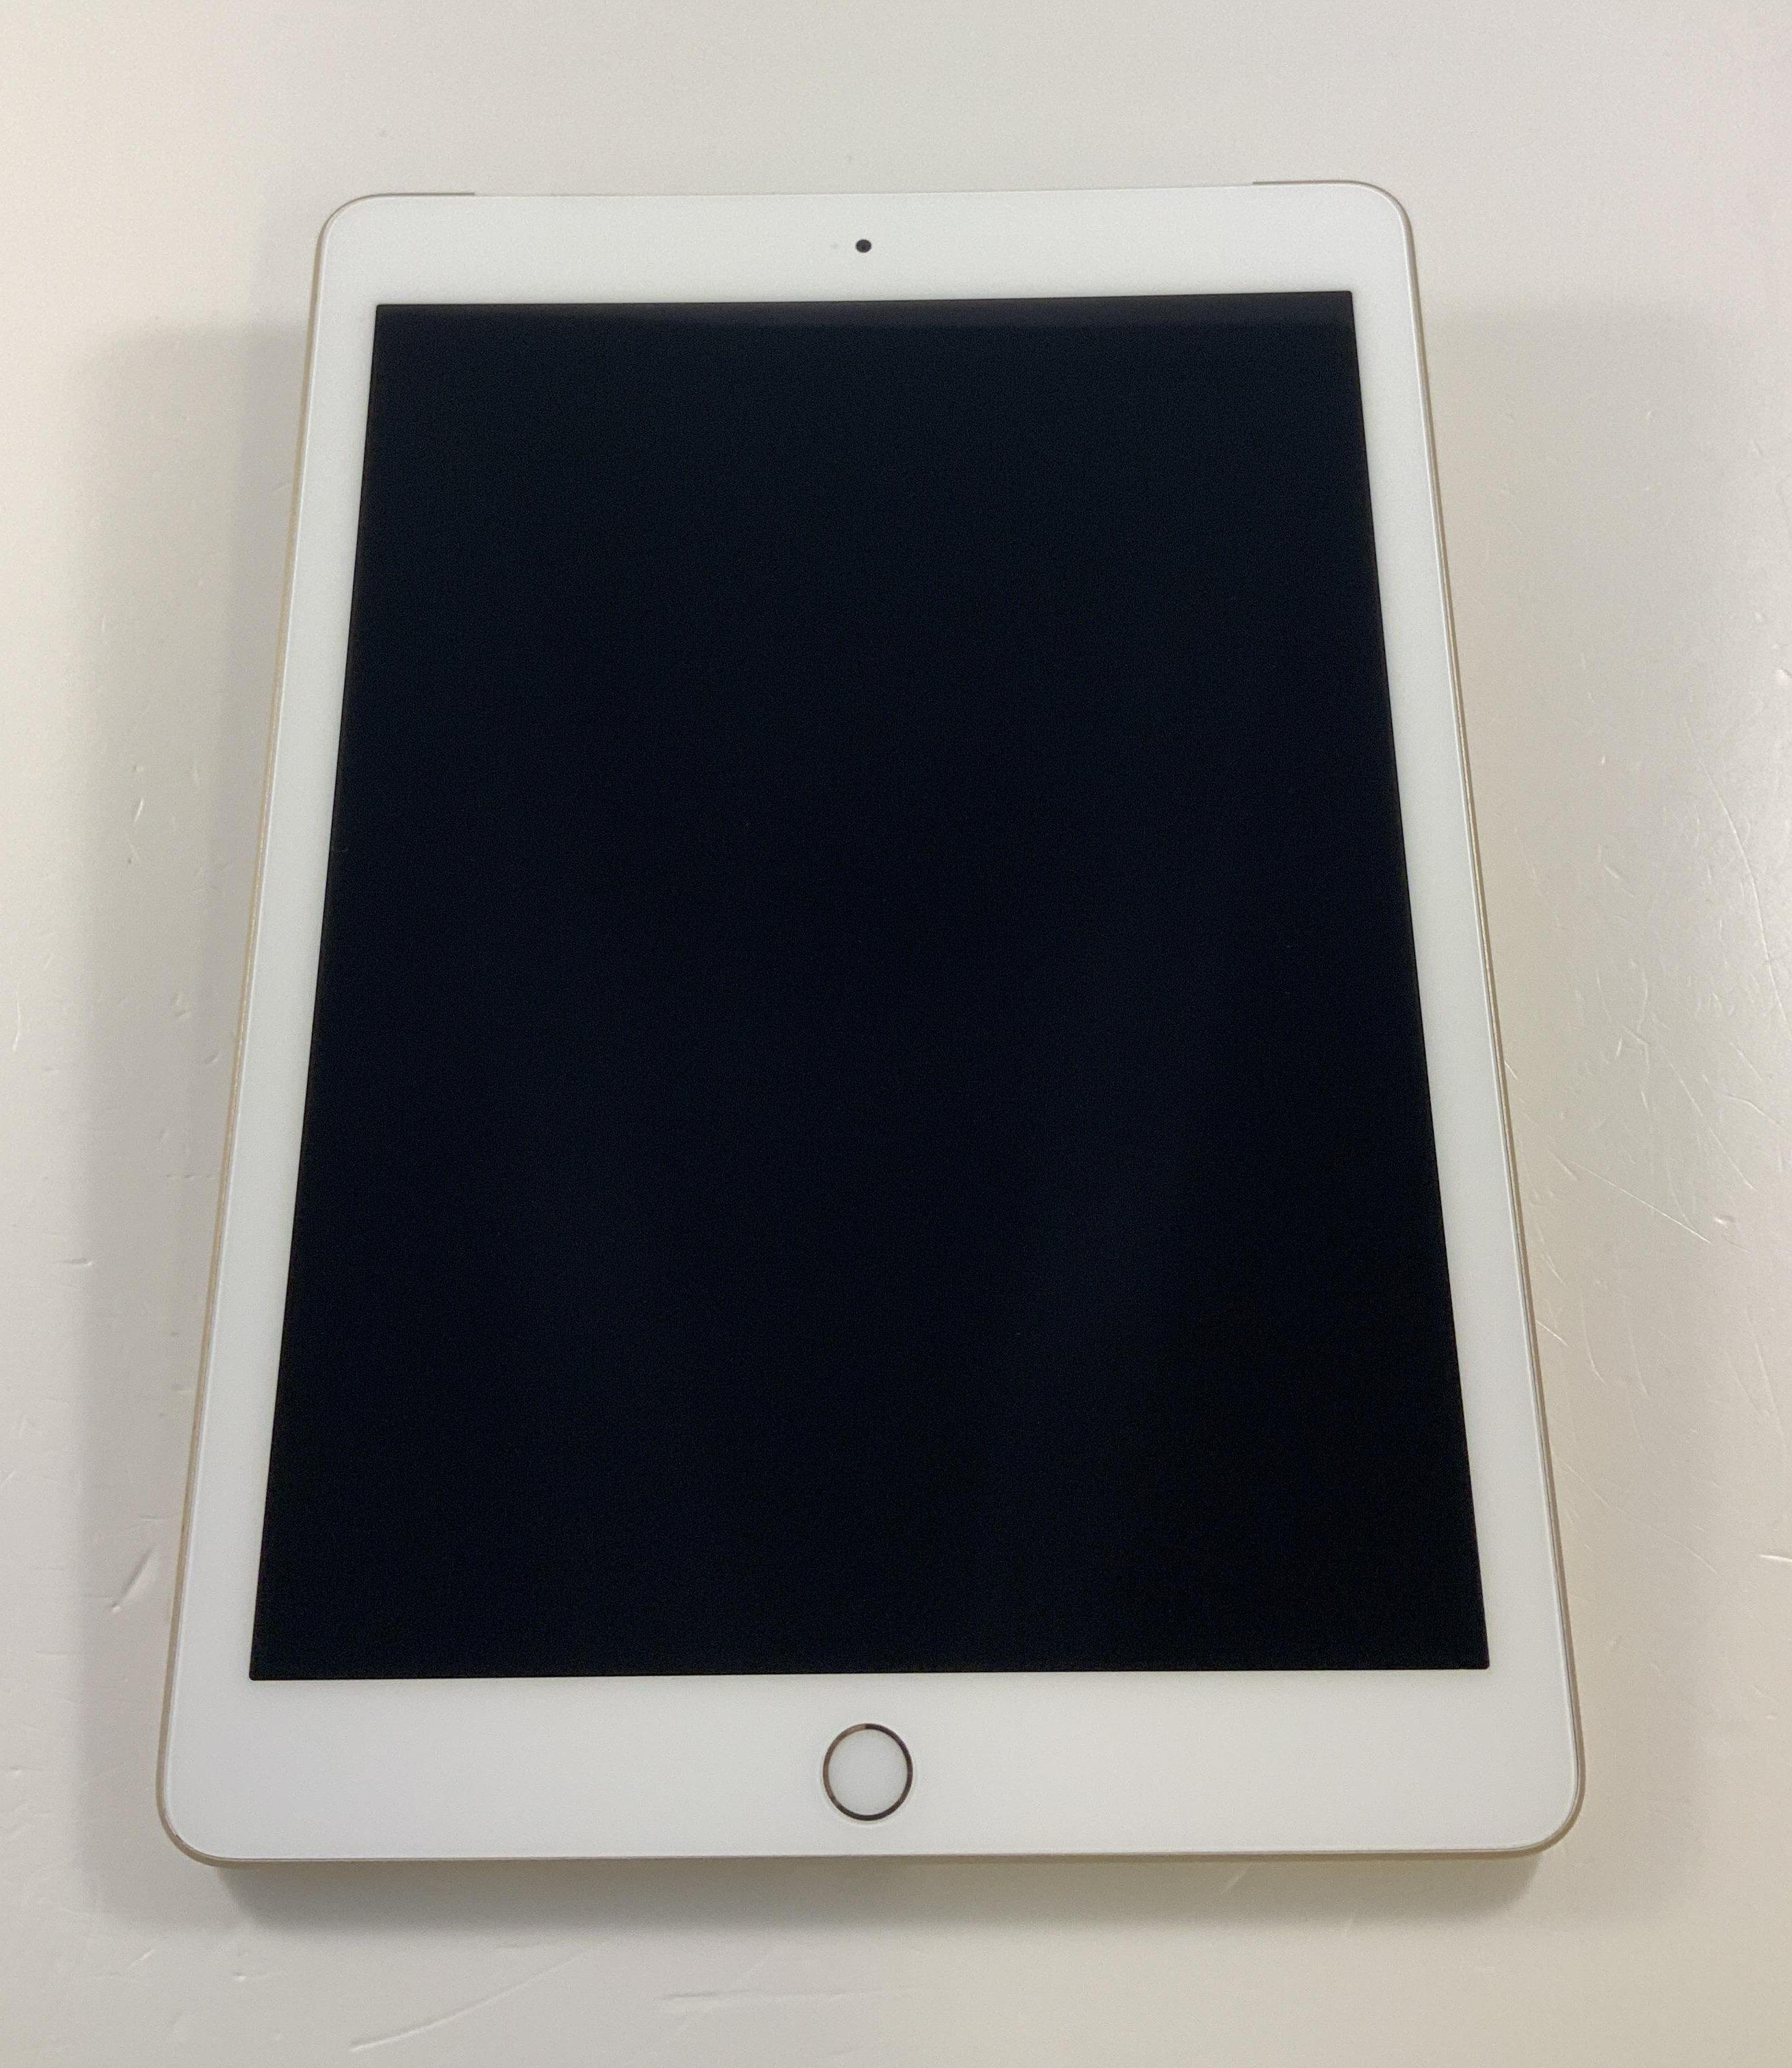 iPad 5 Wi-Fi + Cellular 32GB, 32GB, Gold, immagine 1